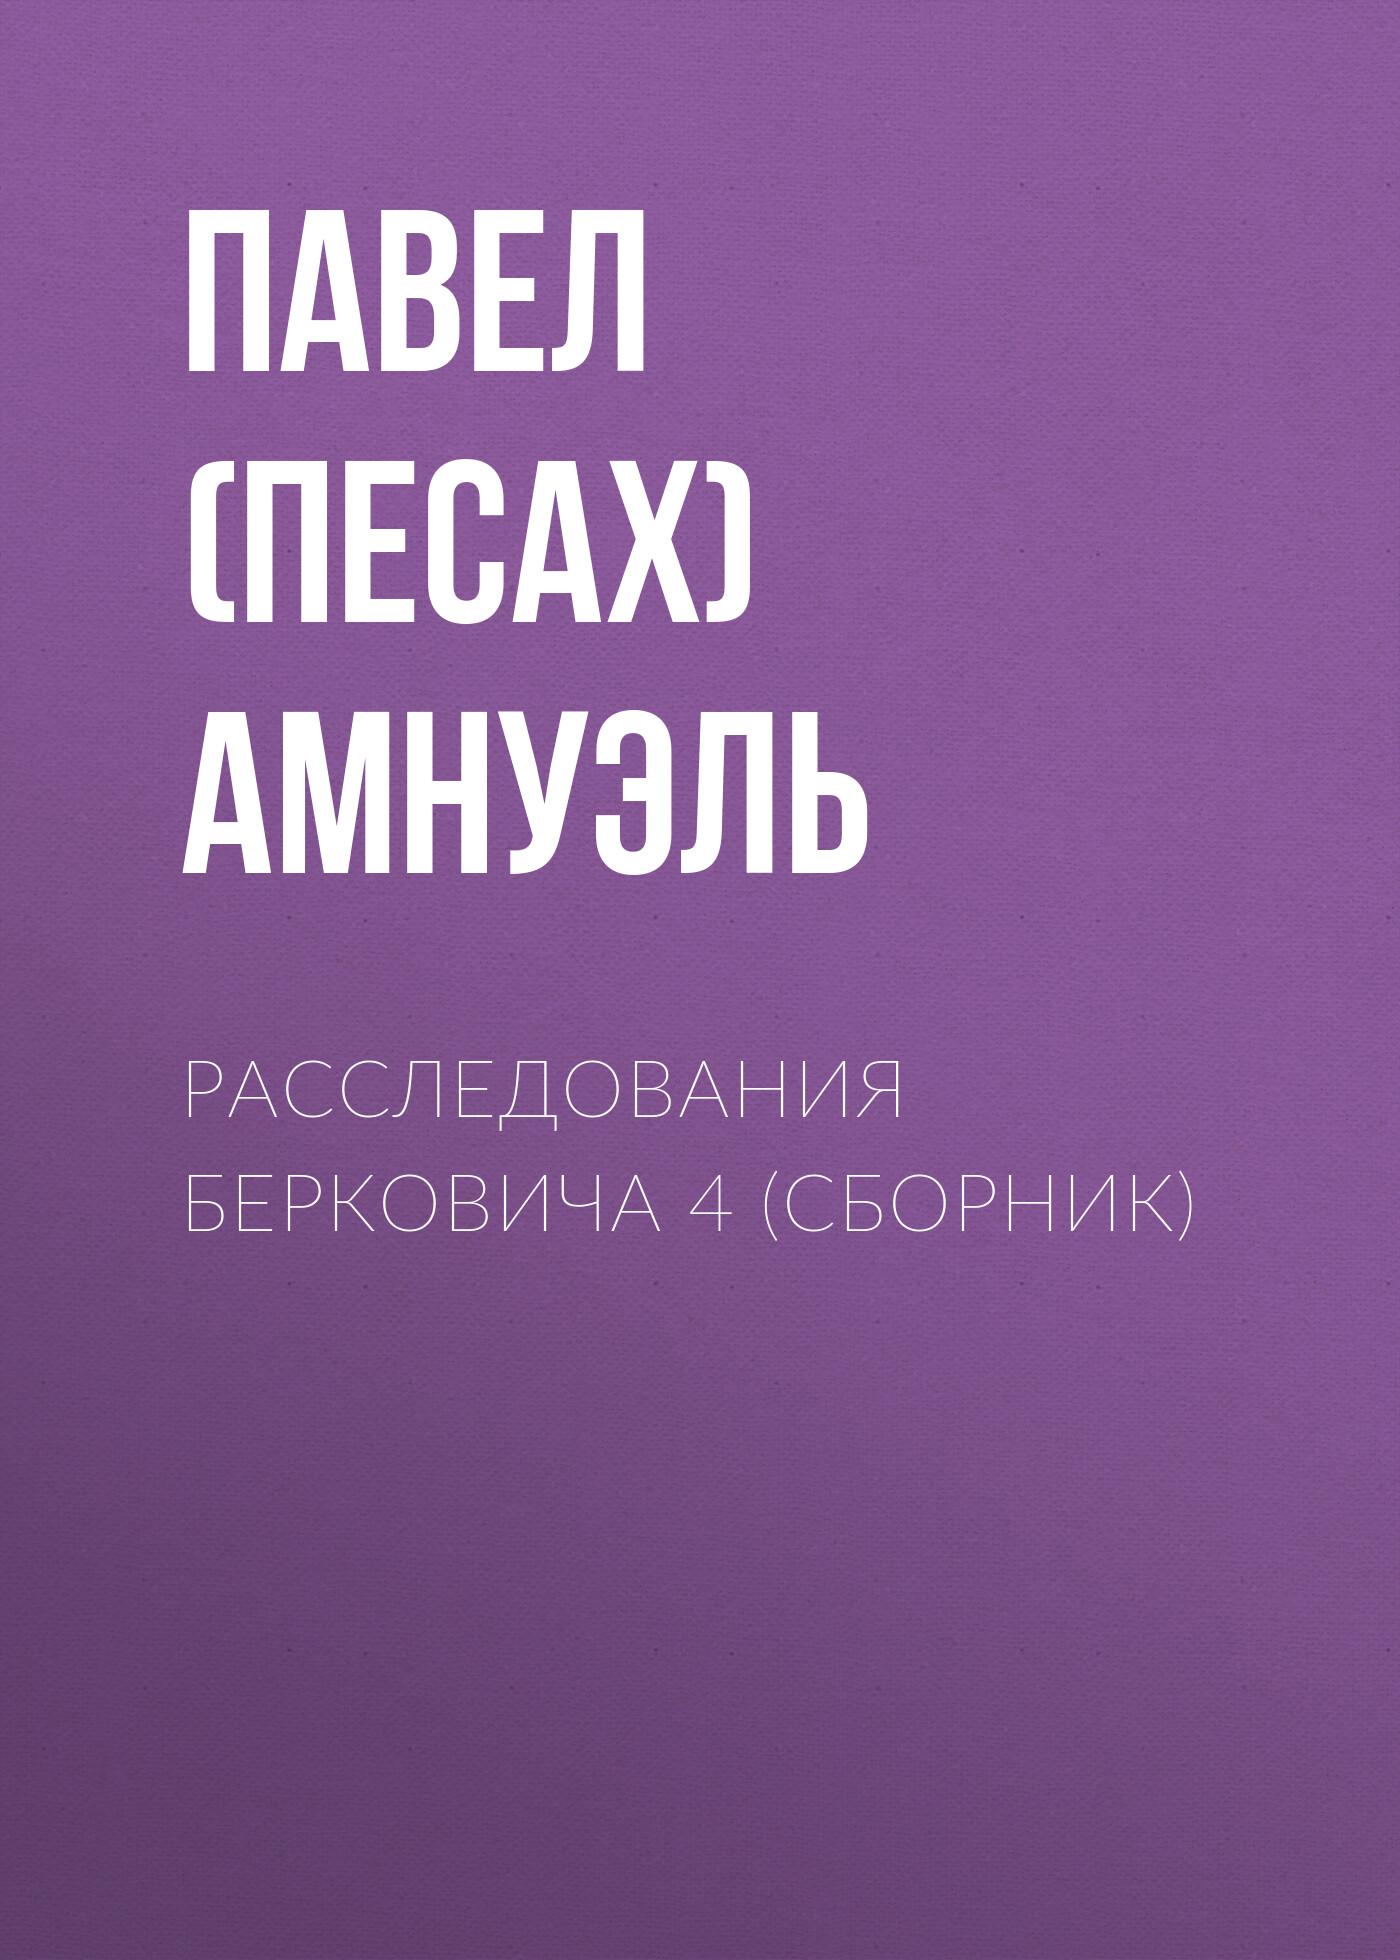 rassledovaniya berkovicha 4 sbornik